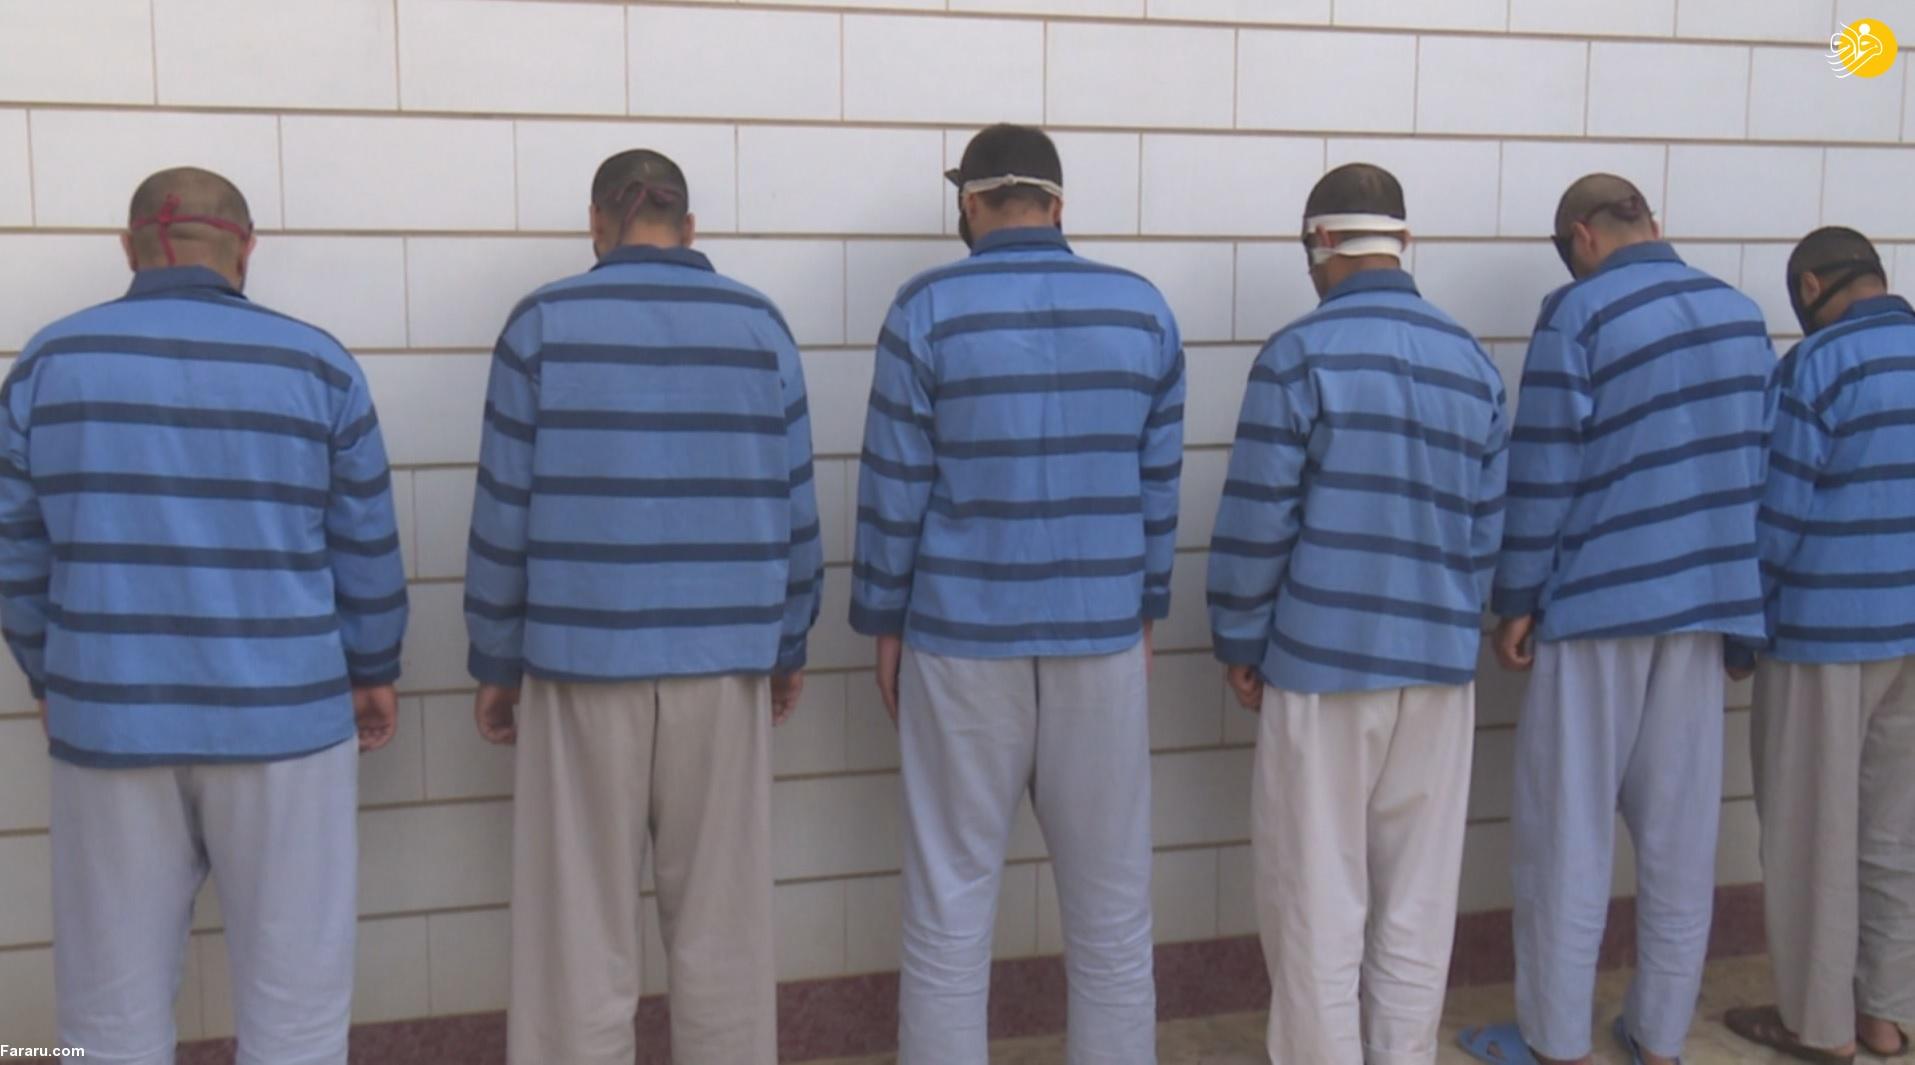 دستگیری عوامل موثر اغتشاشات اخیر در خوزستان + عکس